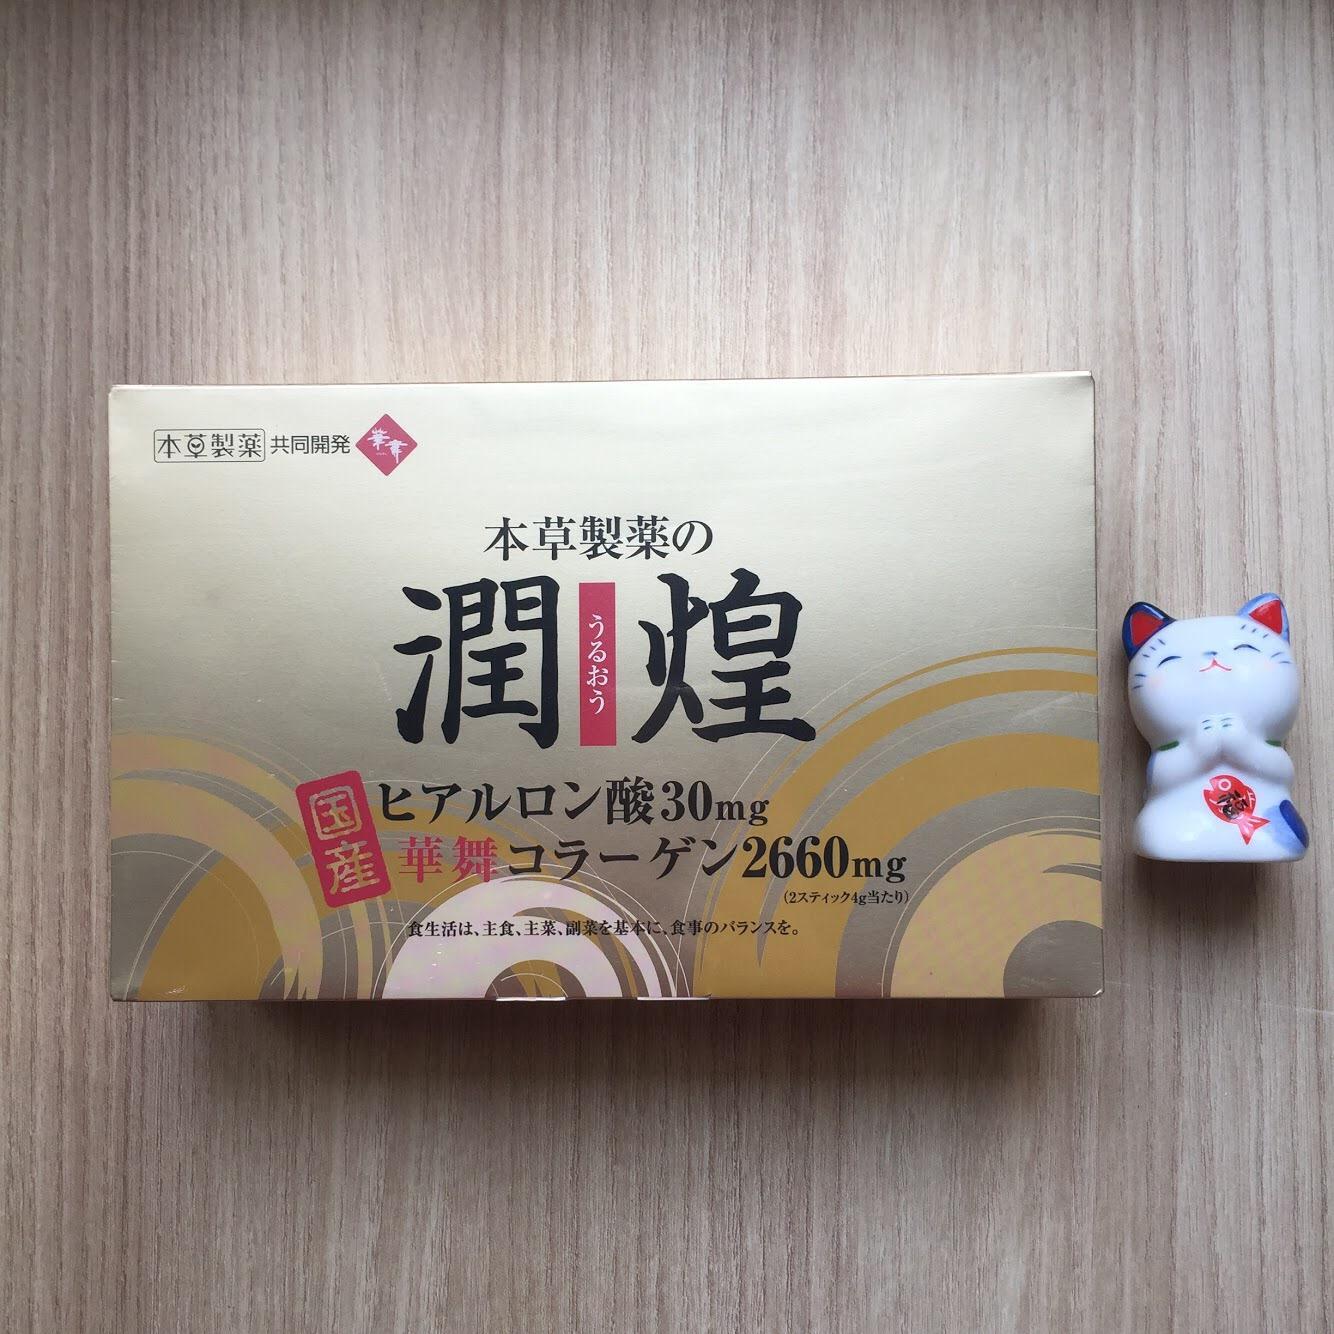 Ôn Tập Collagen Hanamai Gold Vi Sụn Nổi Tiếng Nhật Bản